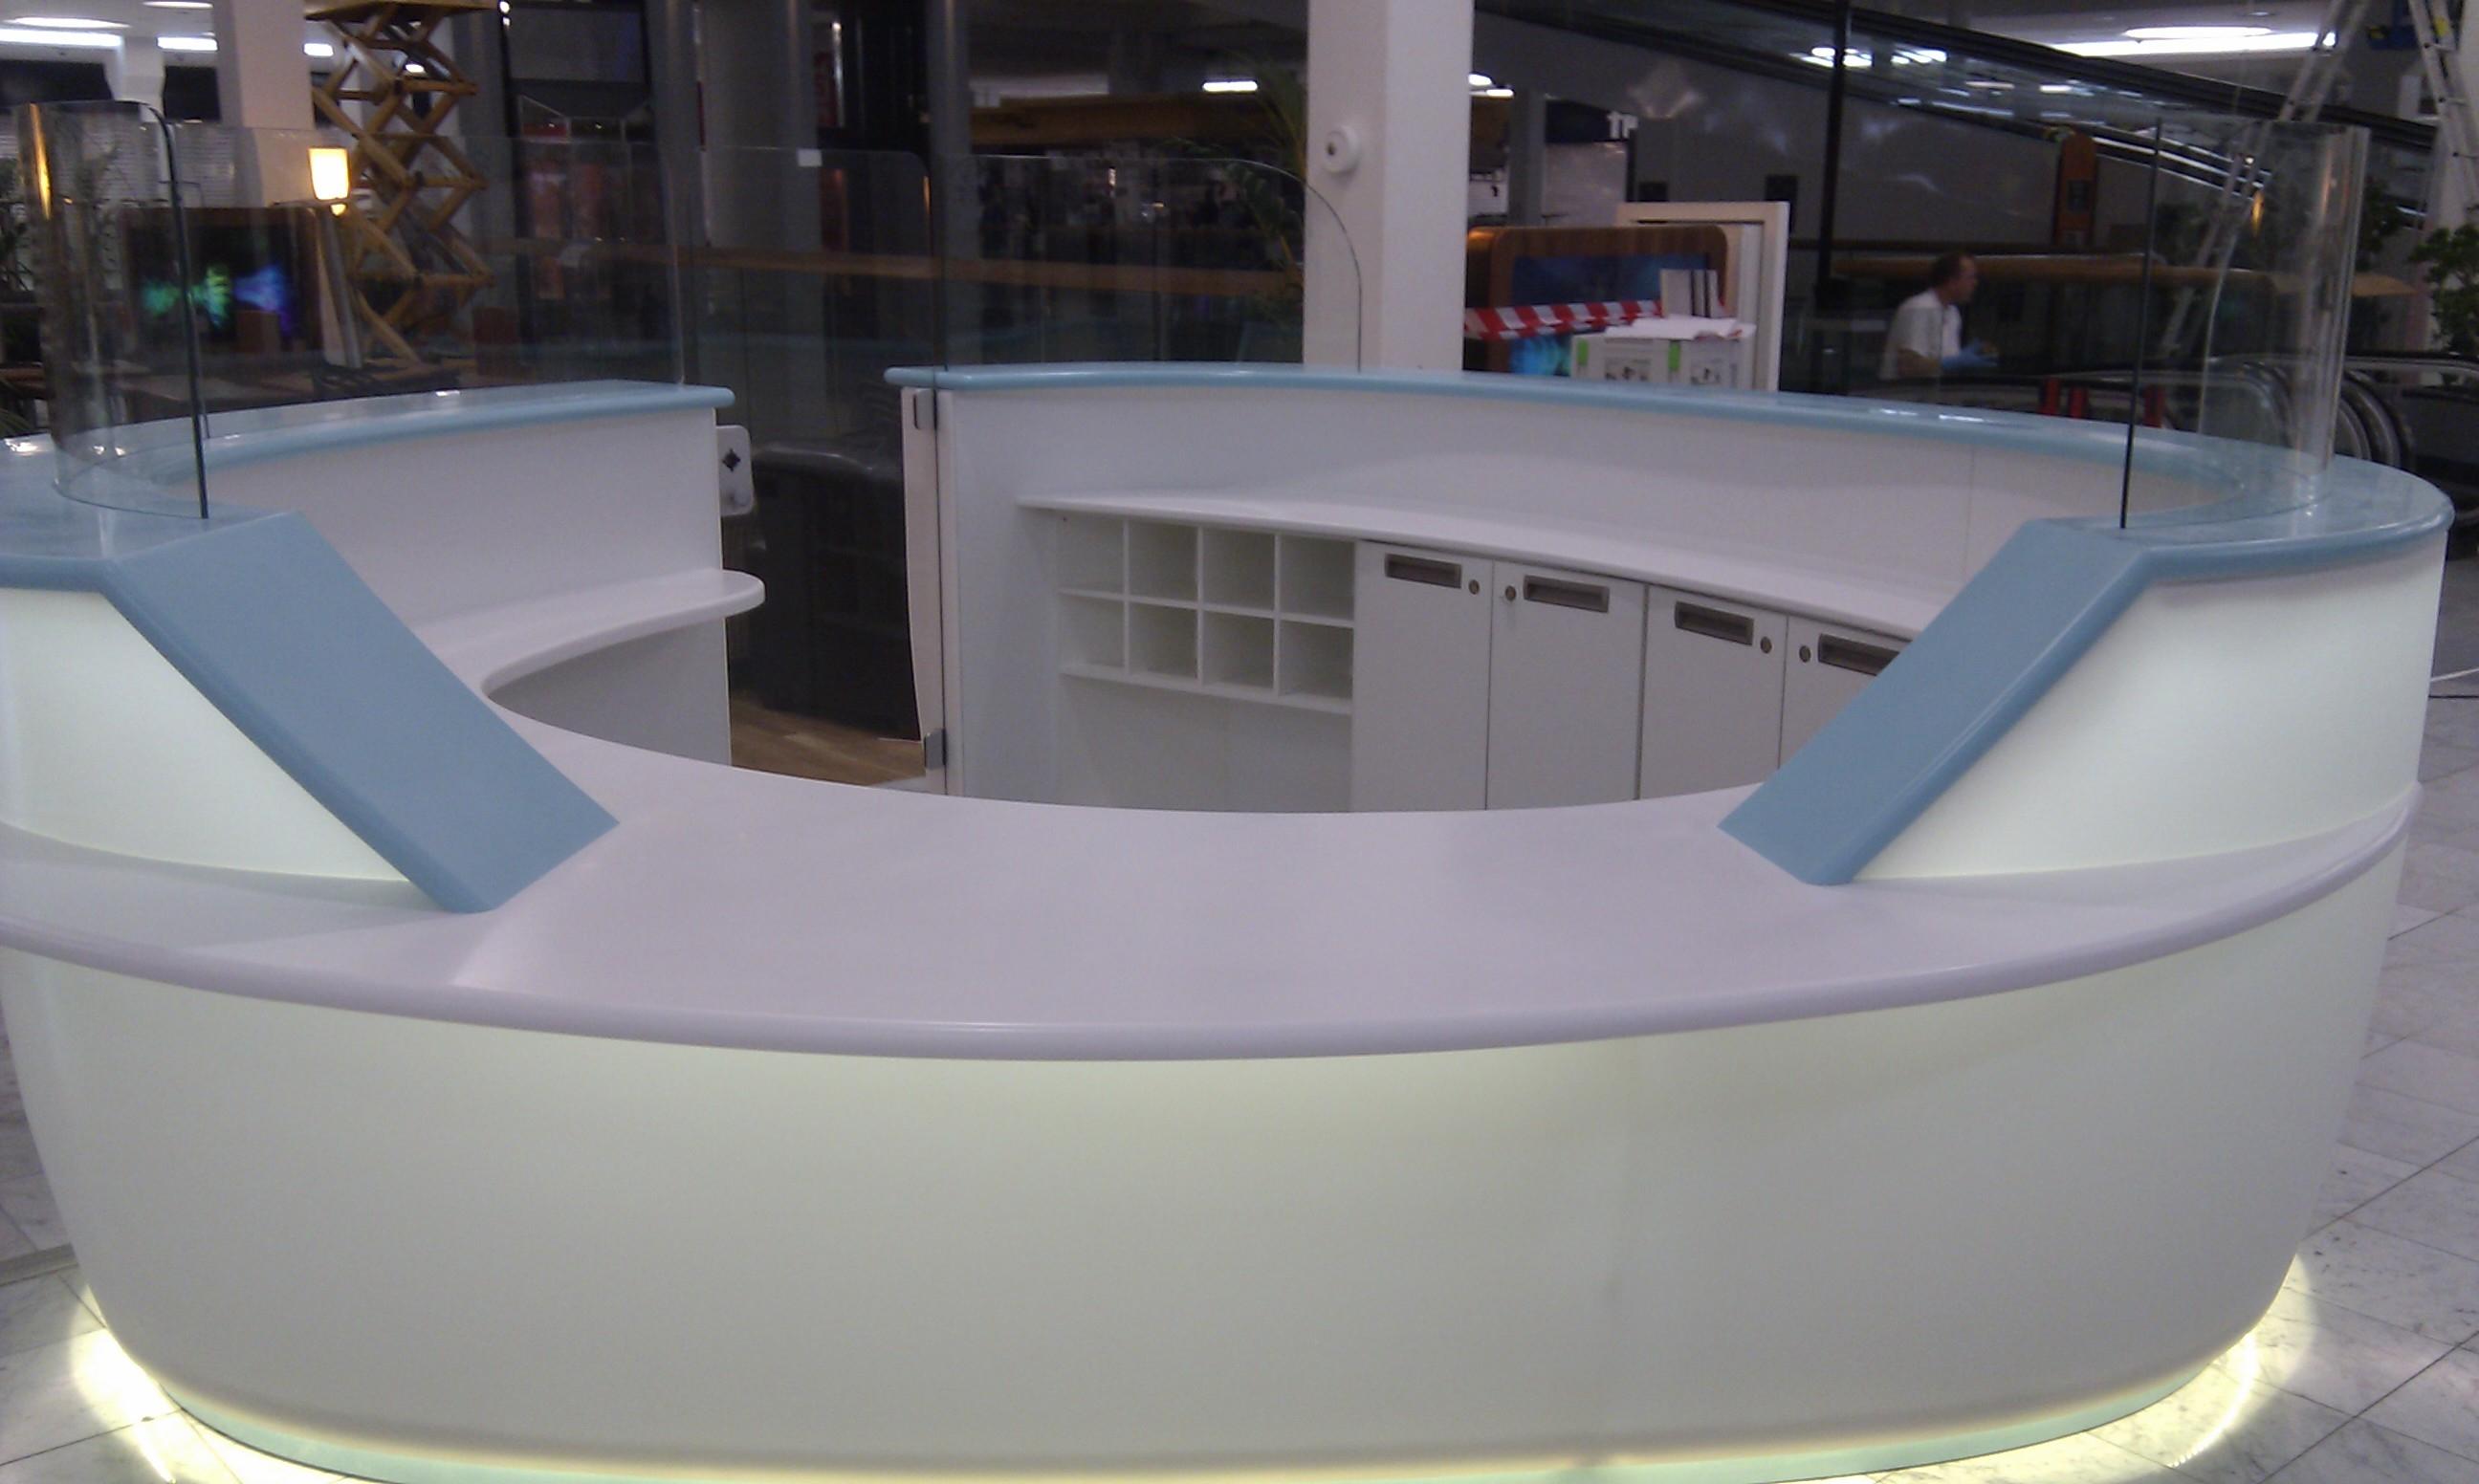 Receptionsdisk med lys udført i Dupont Corian og glas. Farver er Blueberry Ice, Strawberry Ice og Glacier Ice.